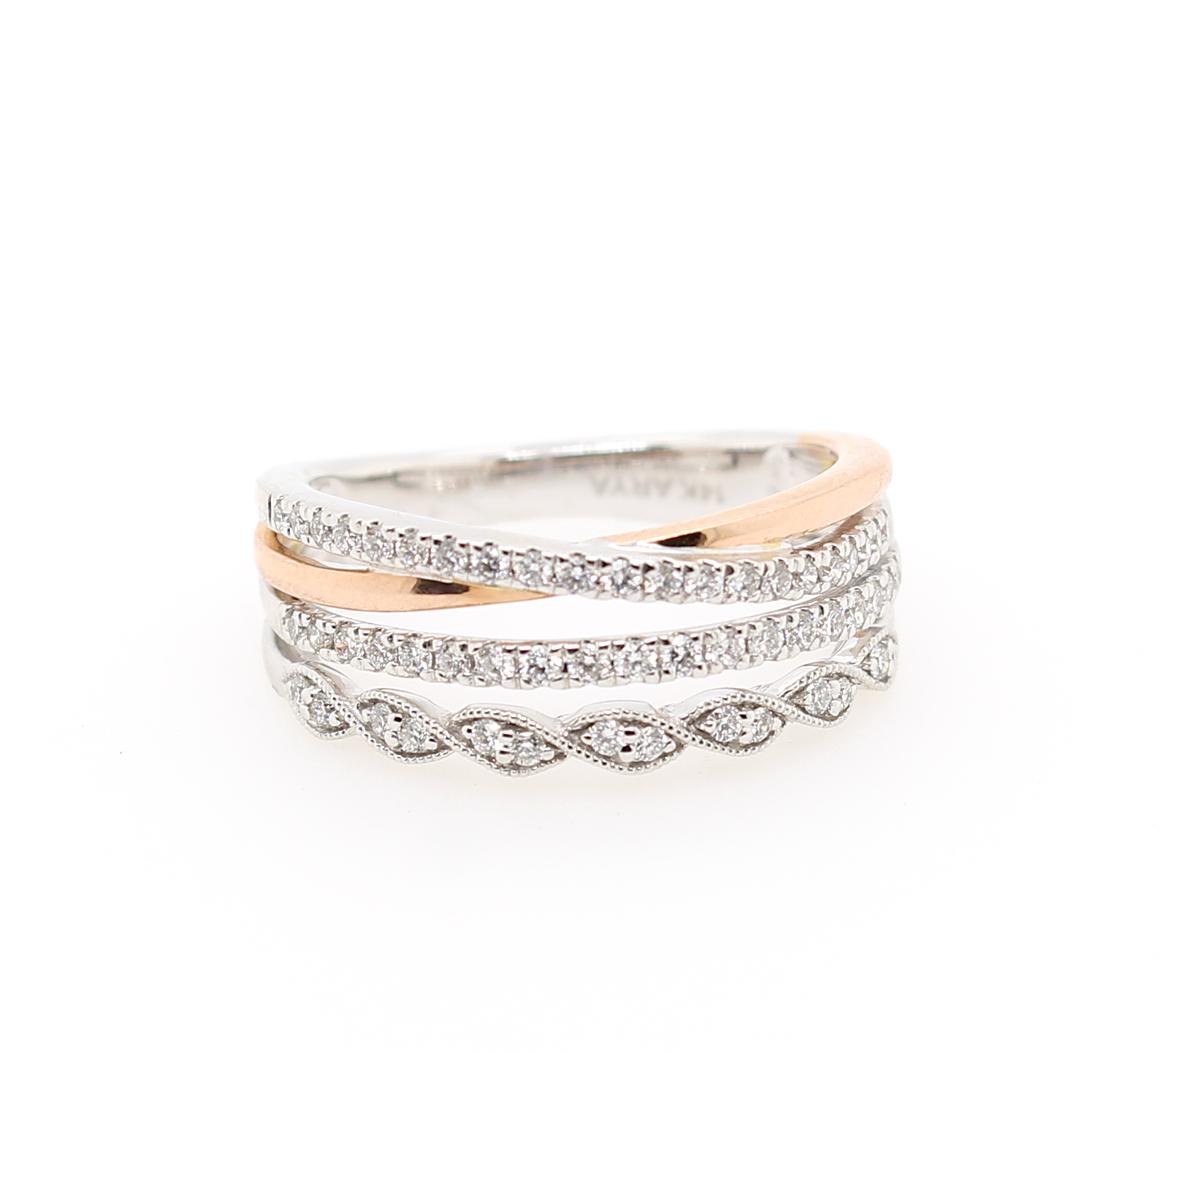 14 Karat Two Tone Four Row Diamond Ring